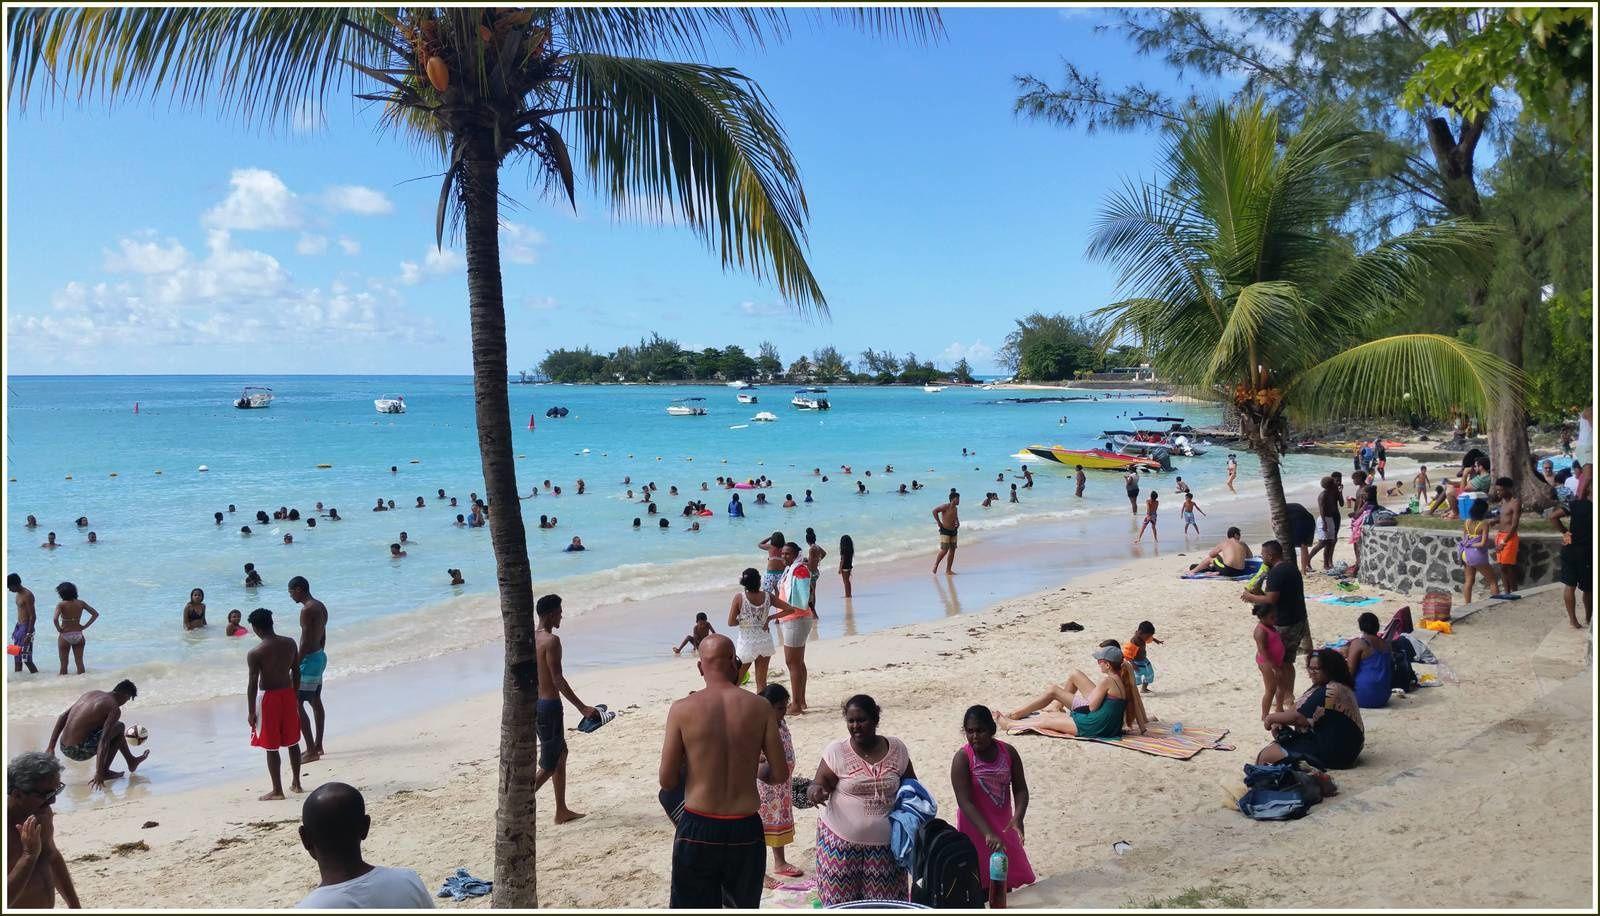 302 - Île Maurice, 26ème, février 2018  Nord de l'île un dimanche à Péreybère et Cap-Malheureux photos GeoMar